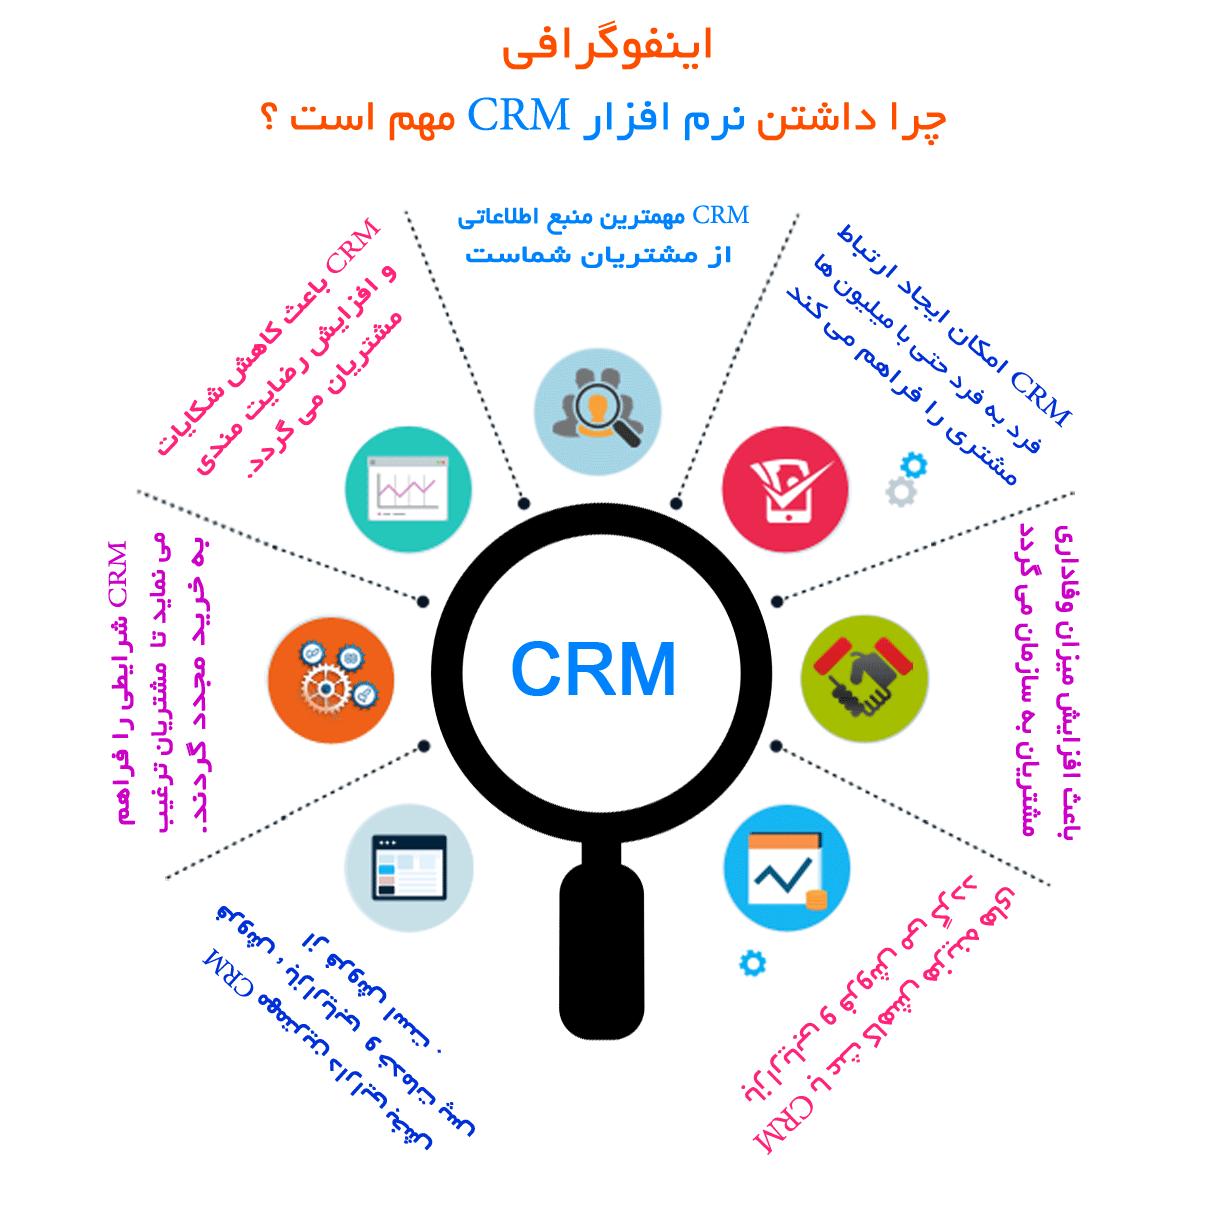 اینفوگرافی چرا داشتن نرم افزار CRM مهم است